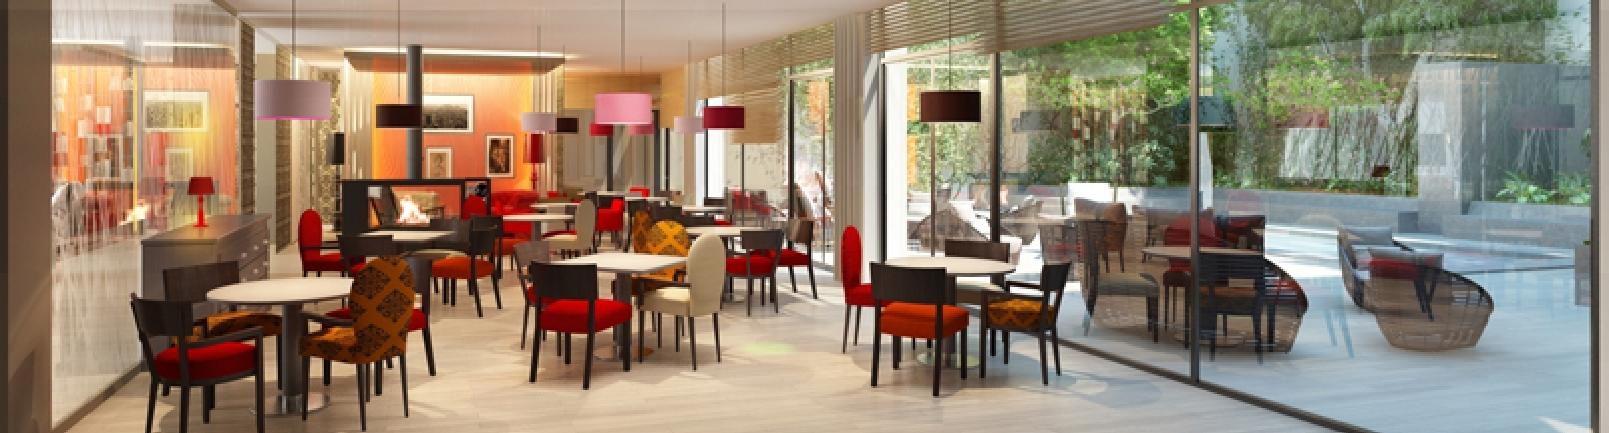 salle restaurant hotel location meublee investissement immobilier